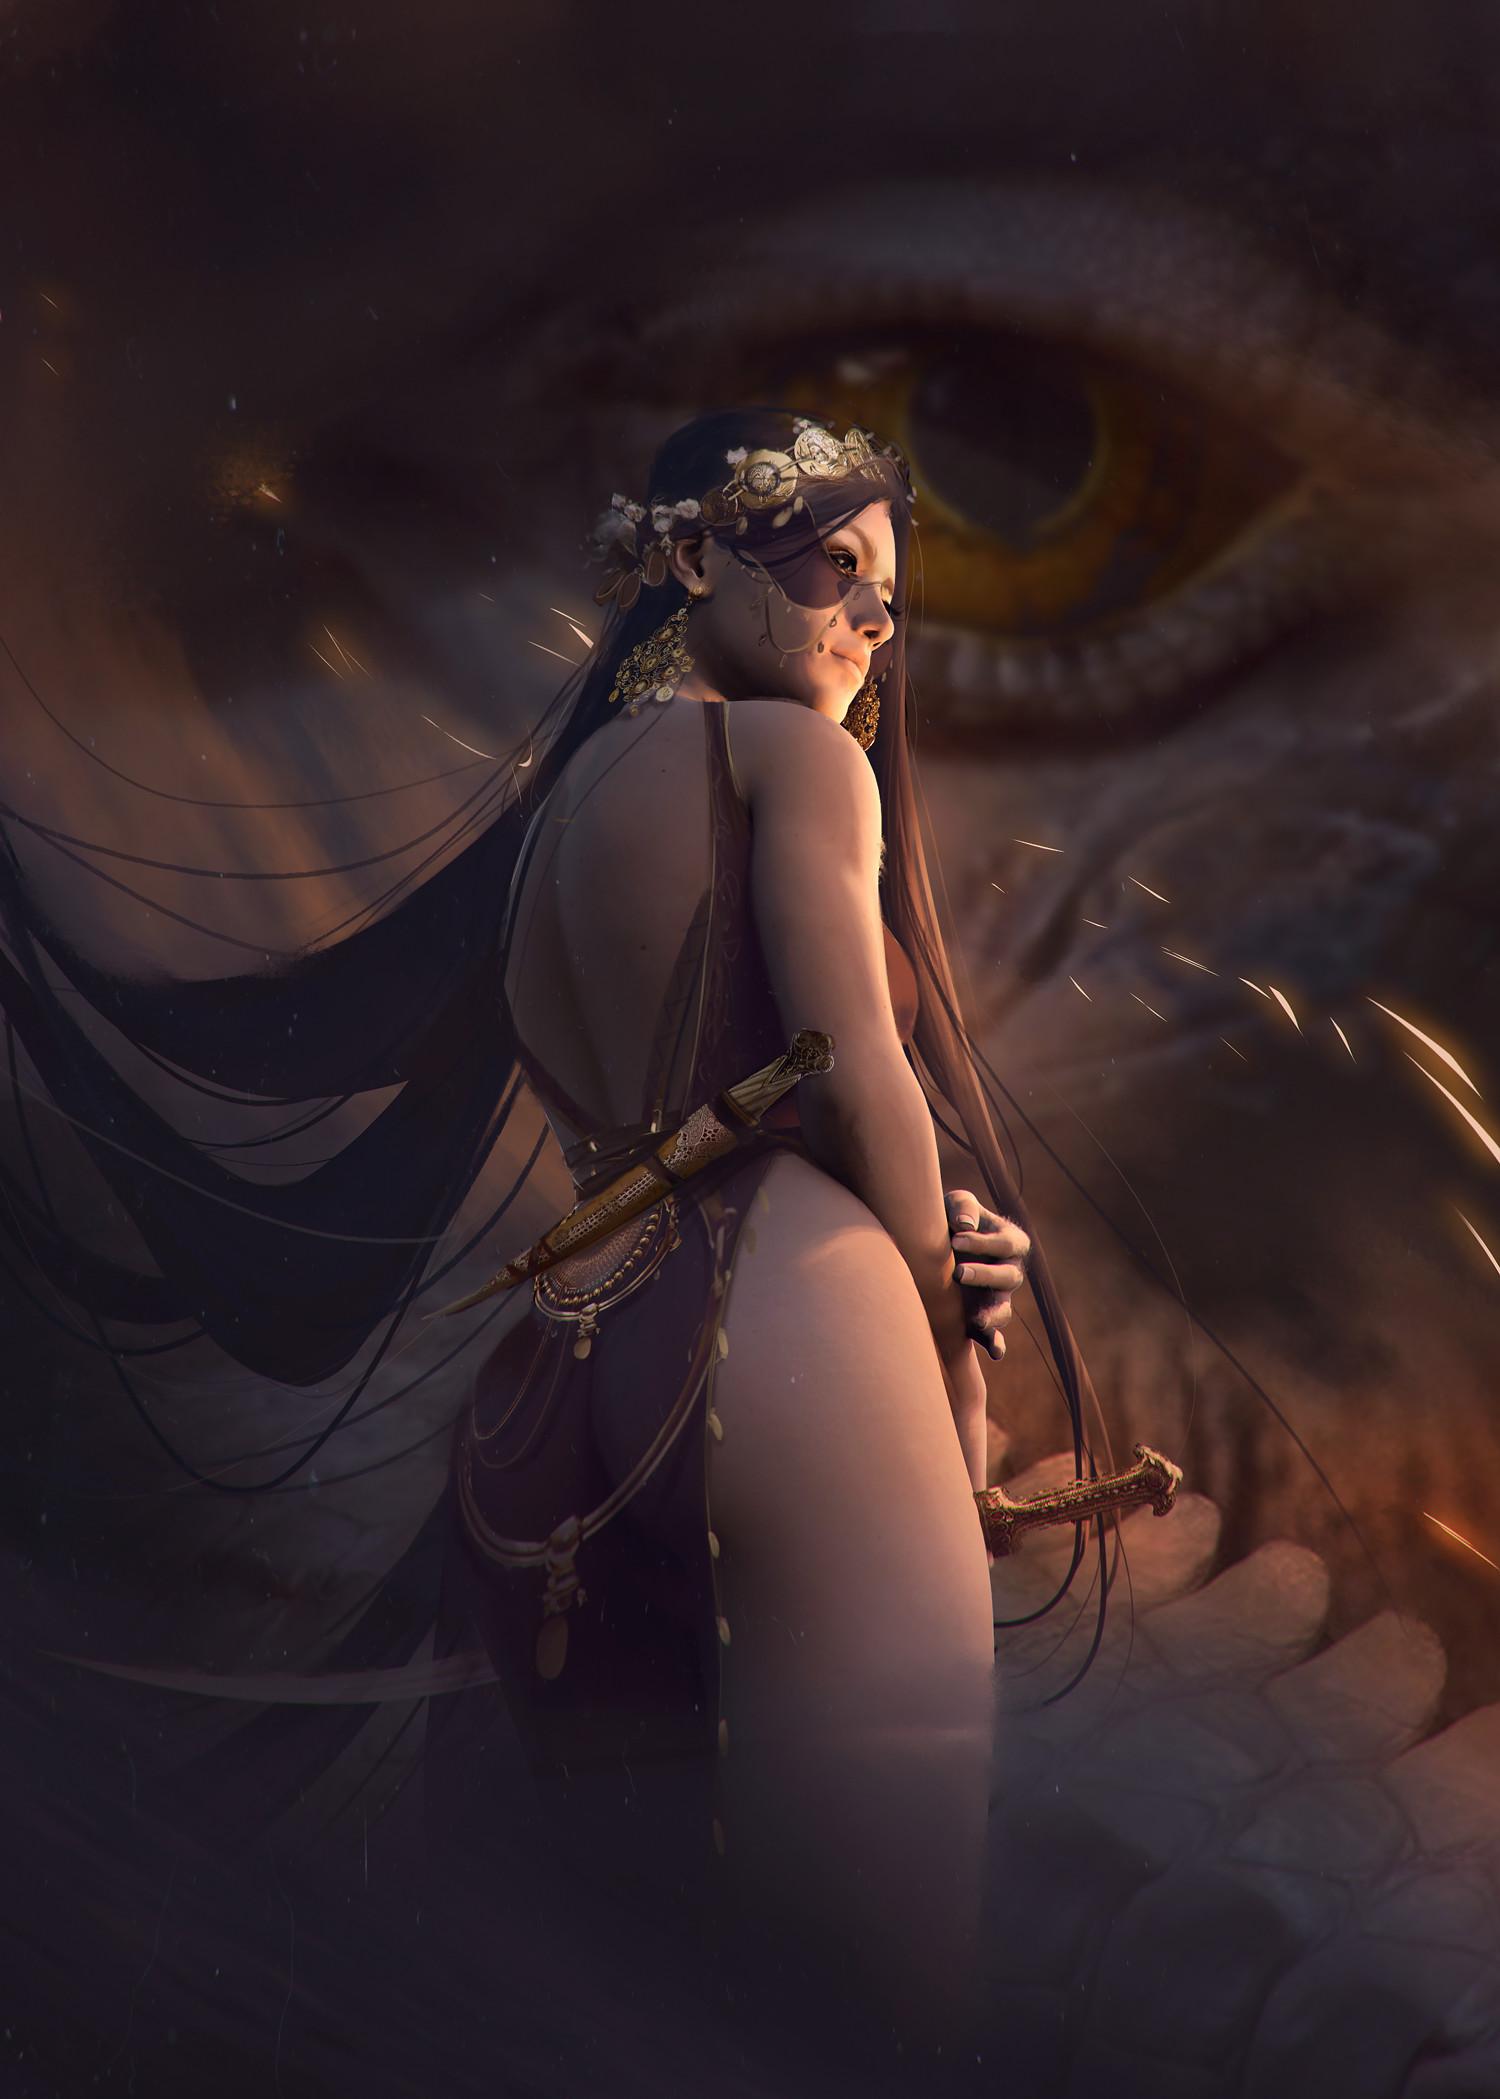 Magdalena radziej dragon